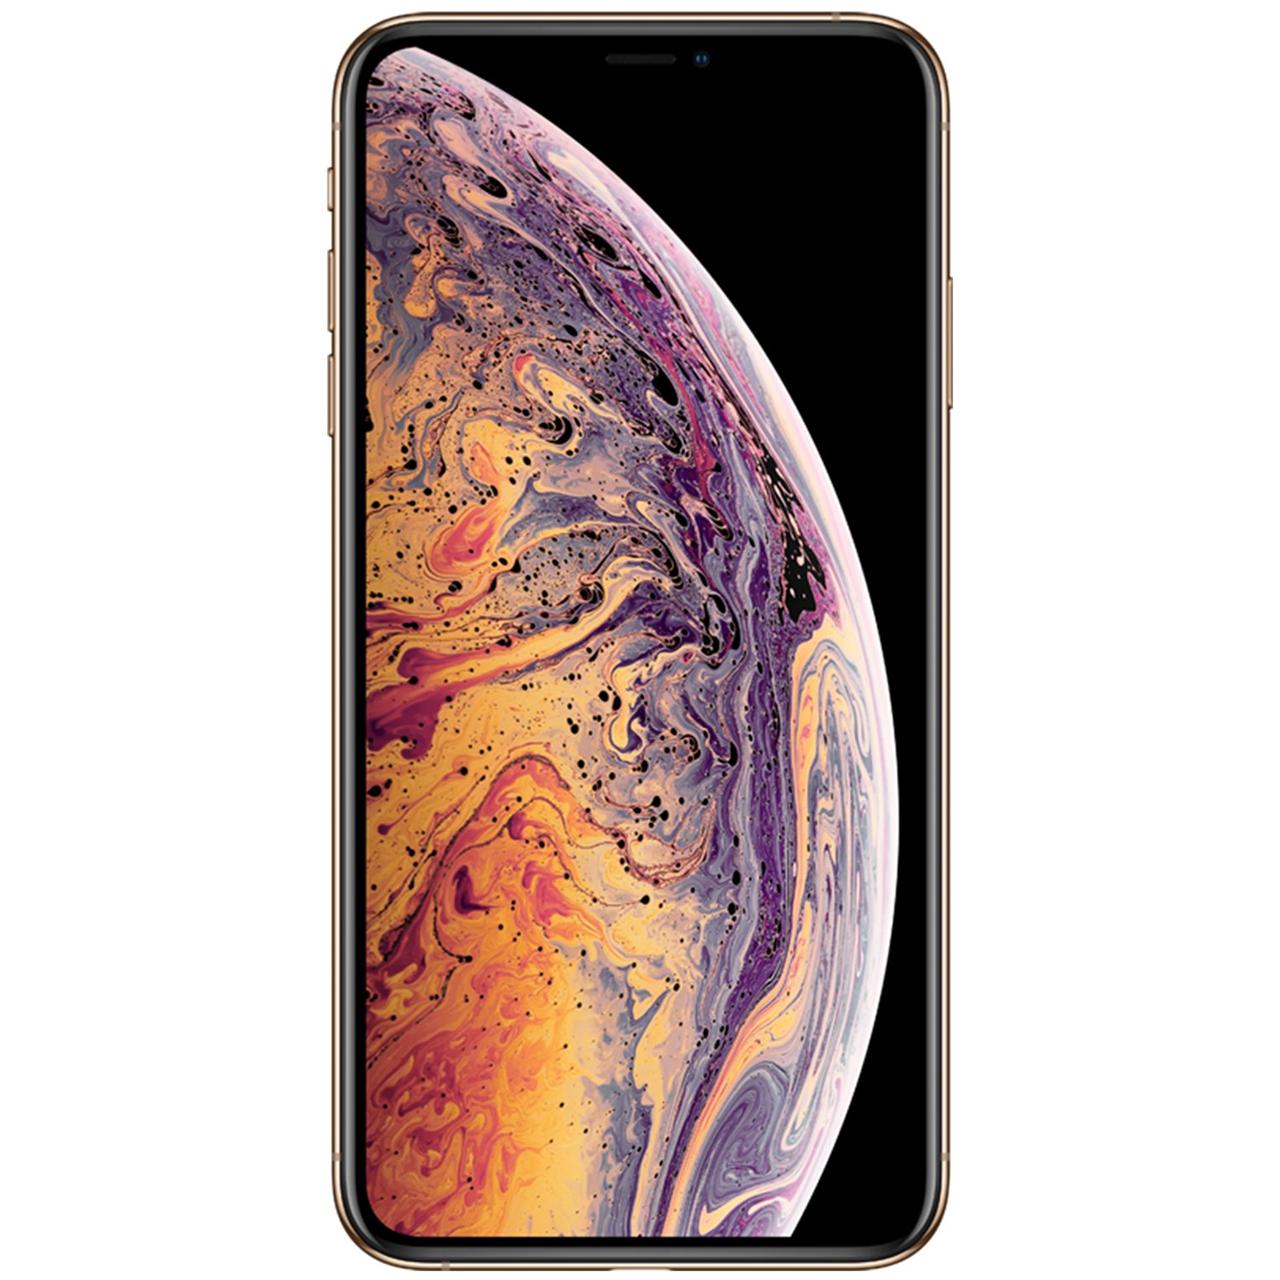 گوشی موبایل اپل مدل iPhone XS Max دو سیم کارت ظرفیت 512 گیگابایت